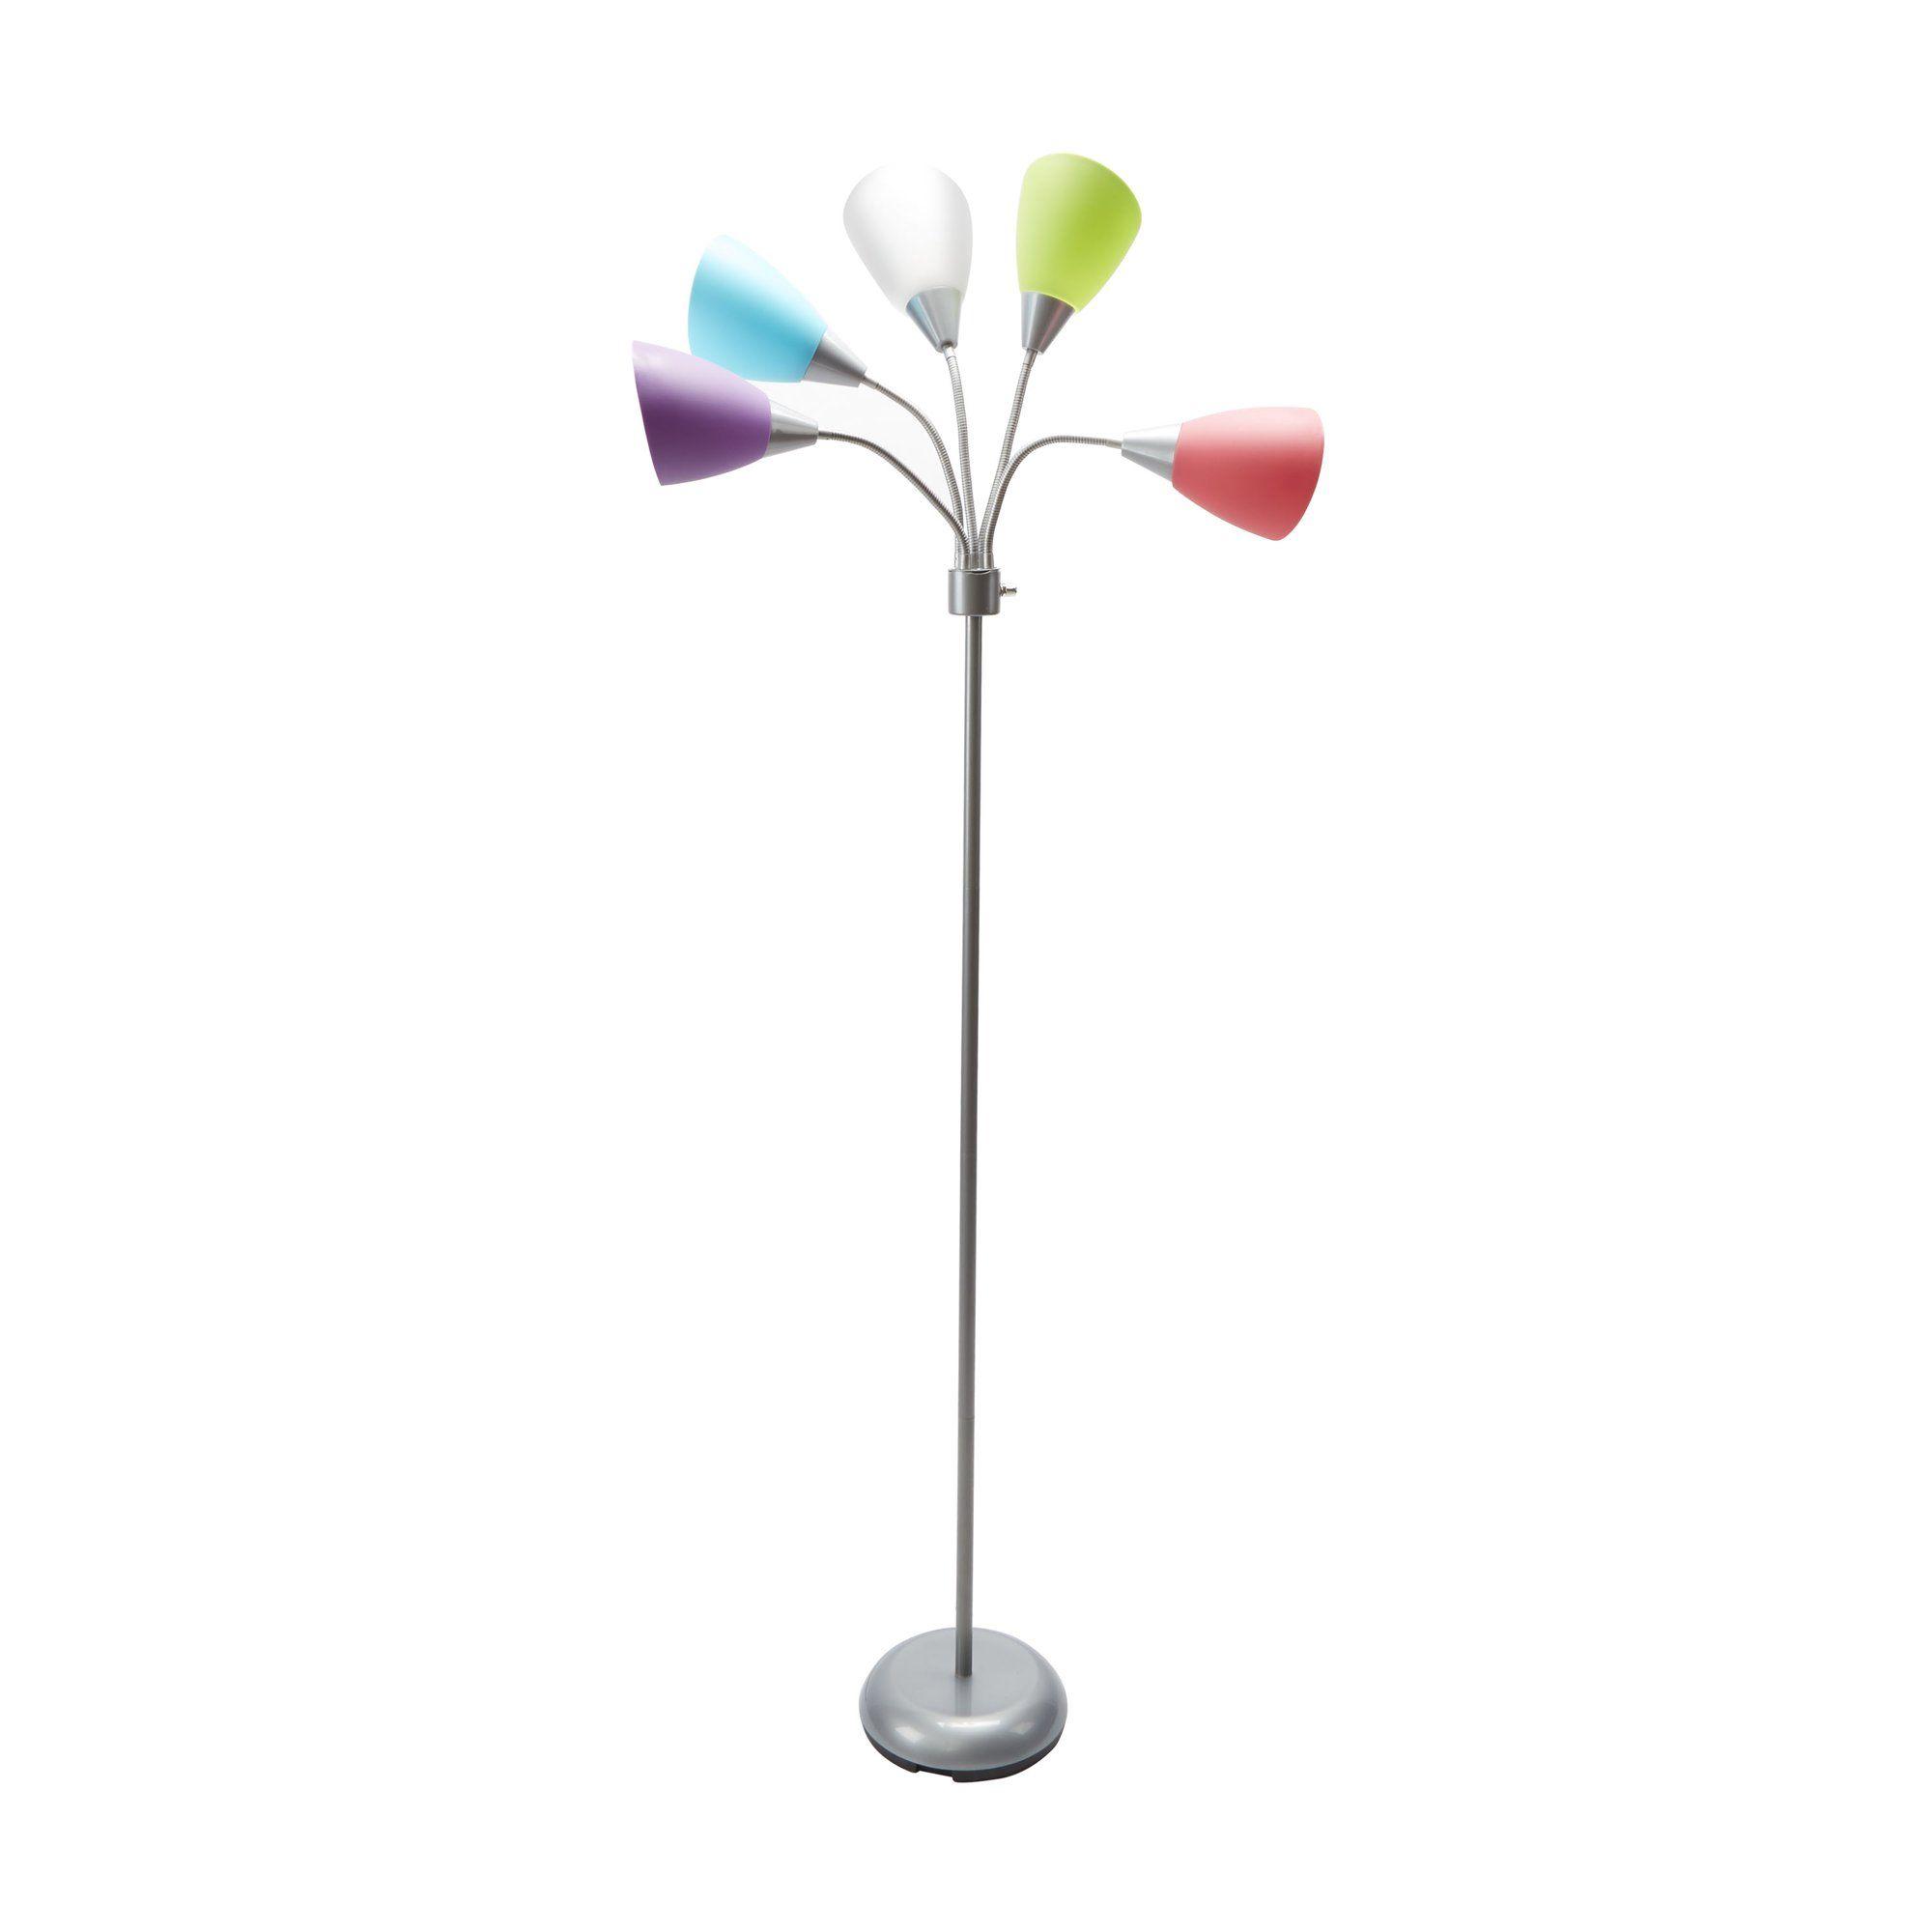 Mainstays 5 Light Multi Head Floor Lamp Silver With Multi Color Shade Walmart Com In 2021 5 Light Floor Lamp Floor Lamp Shades Floor Lights